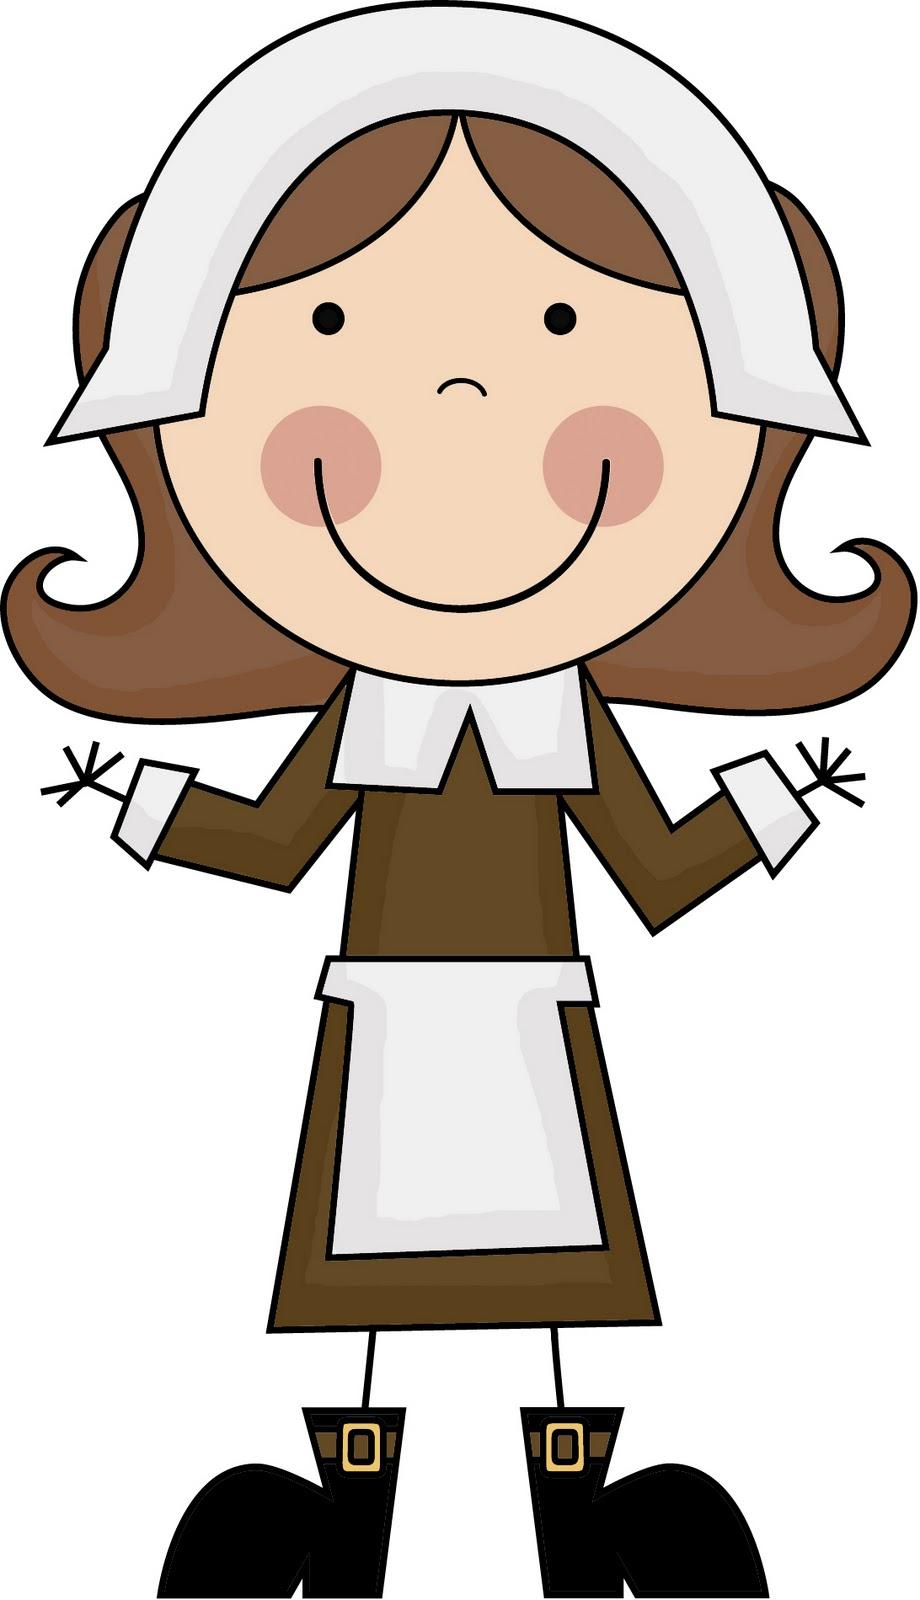 Pilgrim clipart. Free